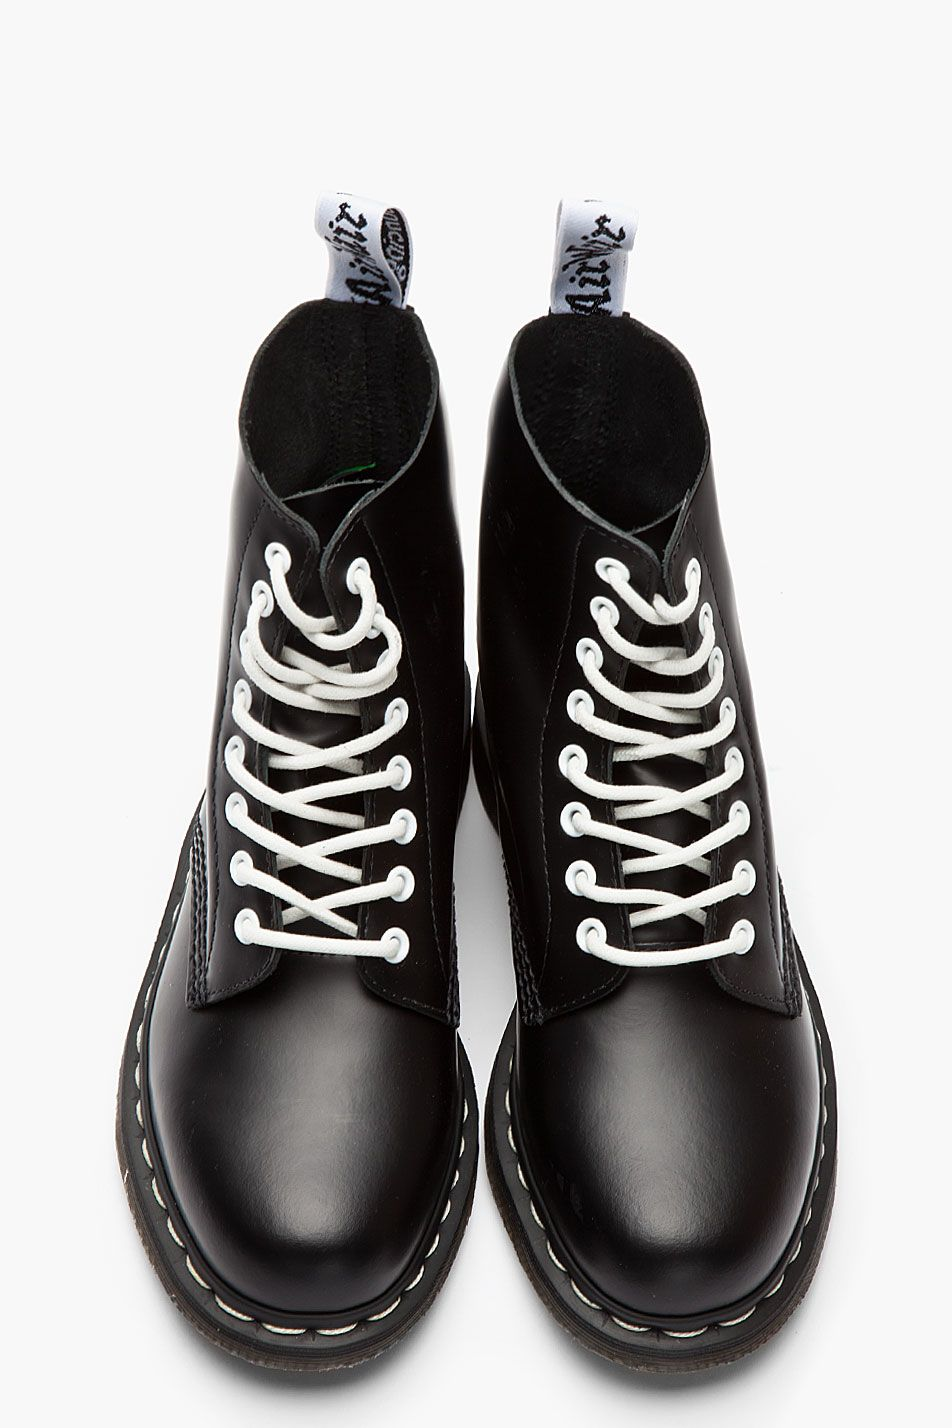 Boots, Dr martens shoes, Combat boots men